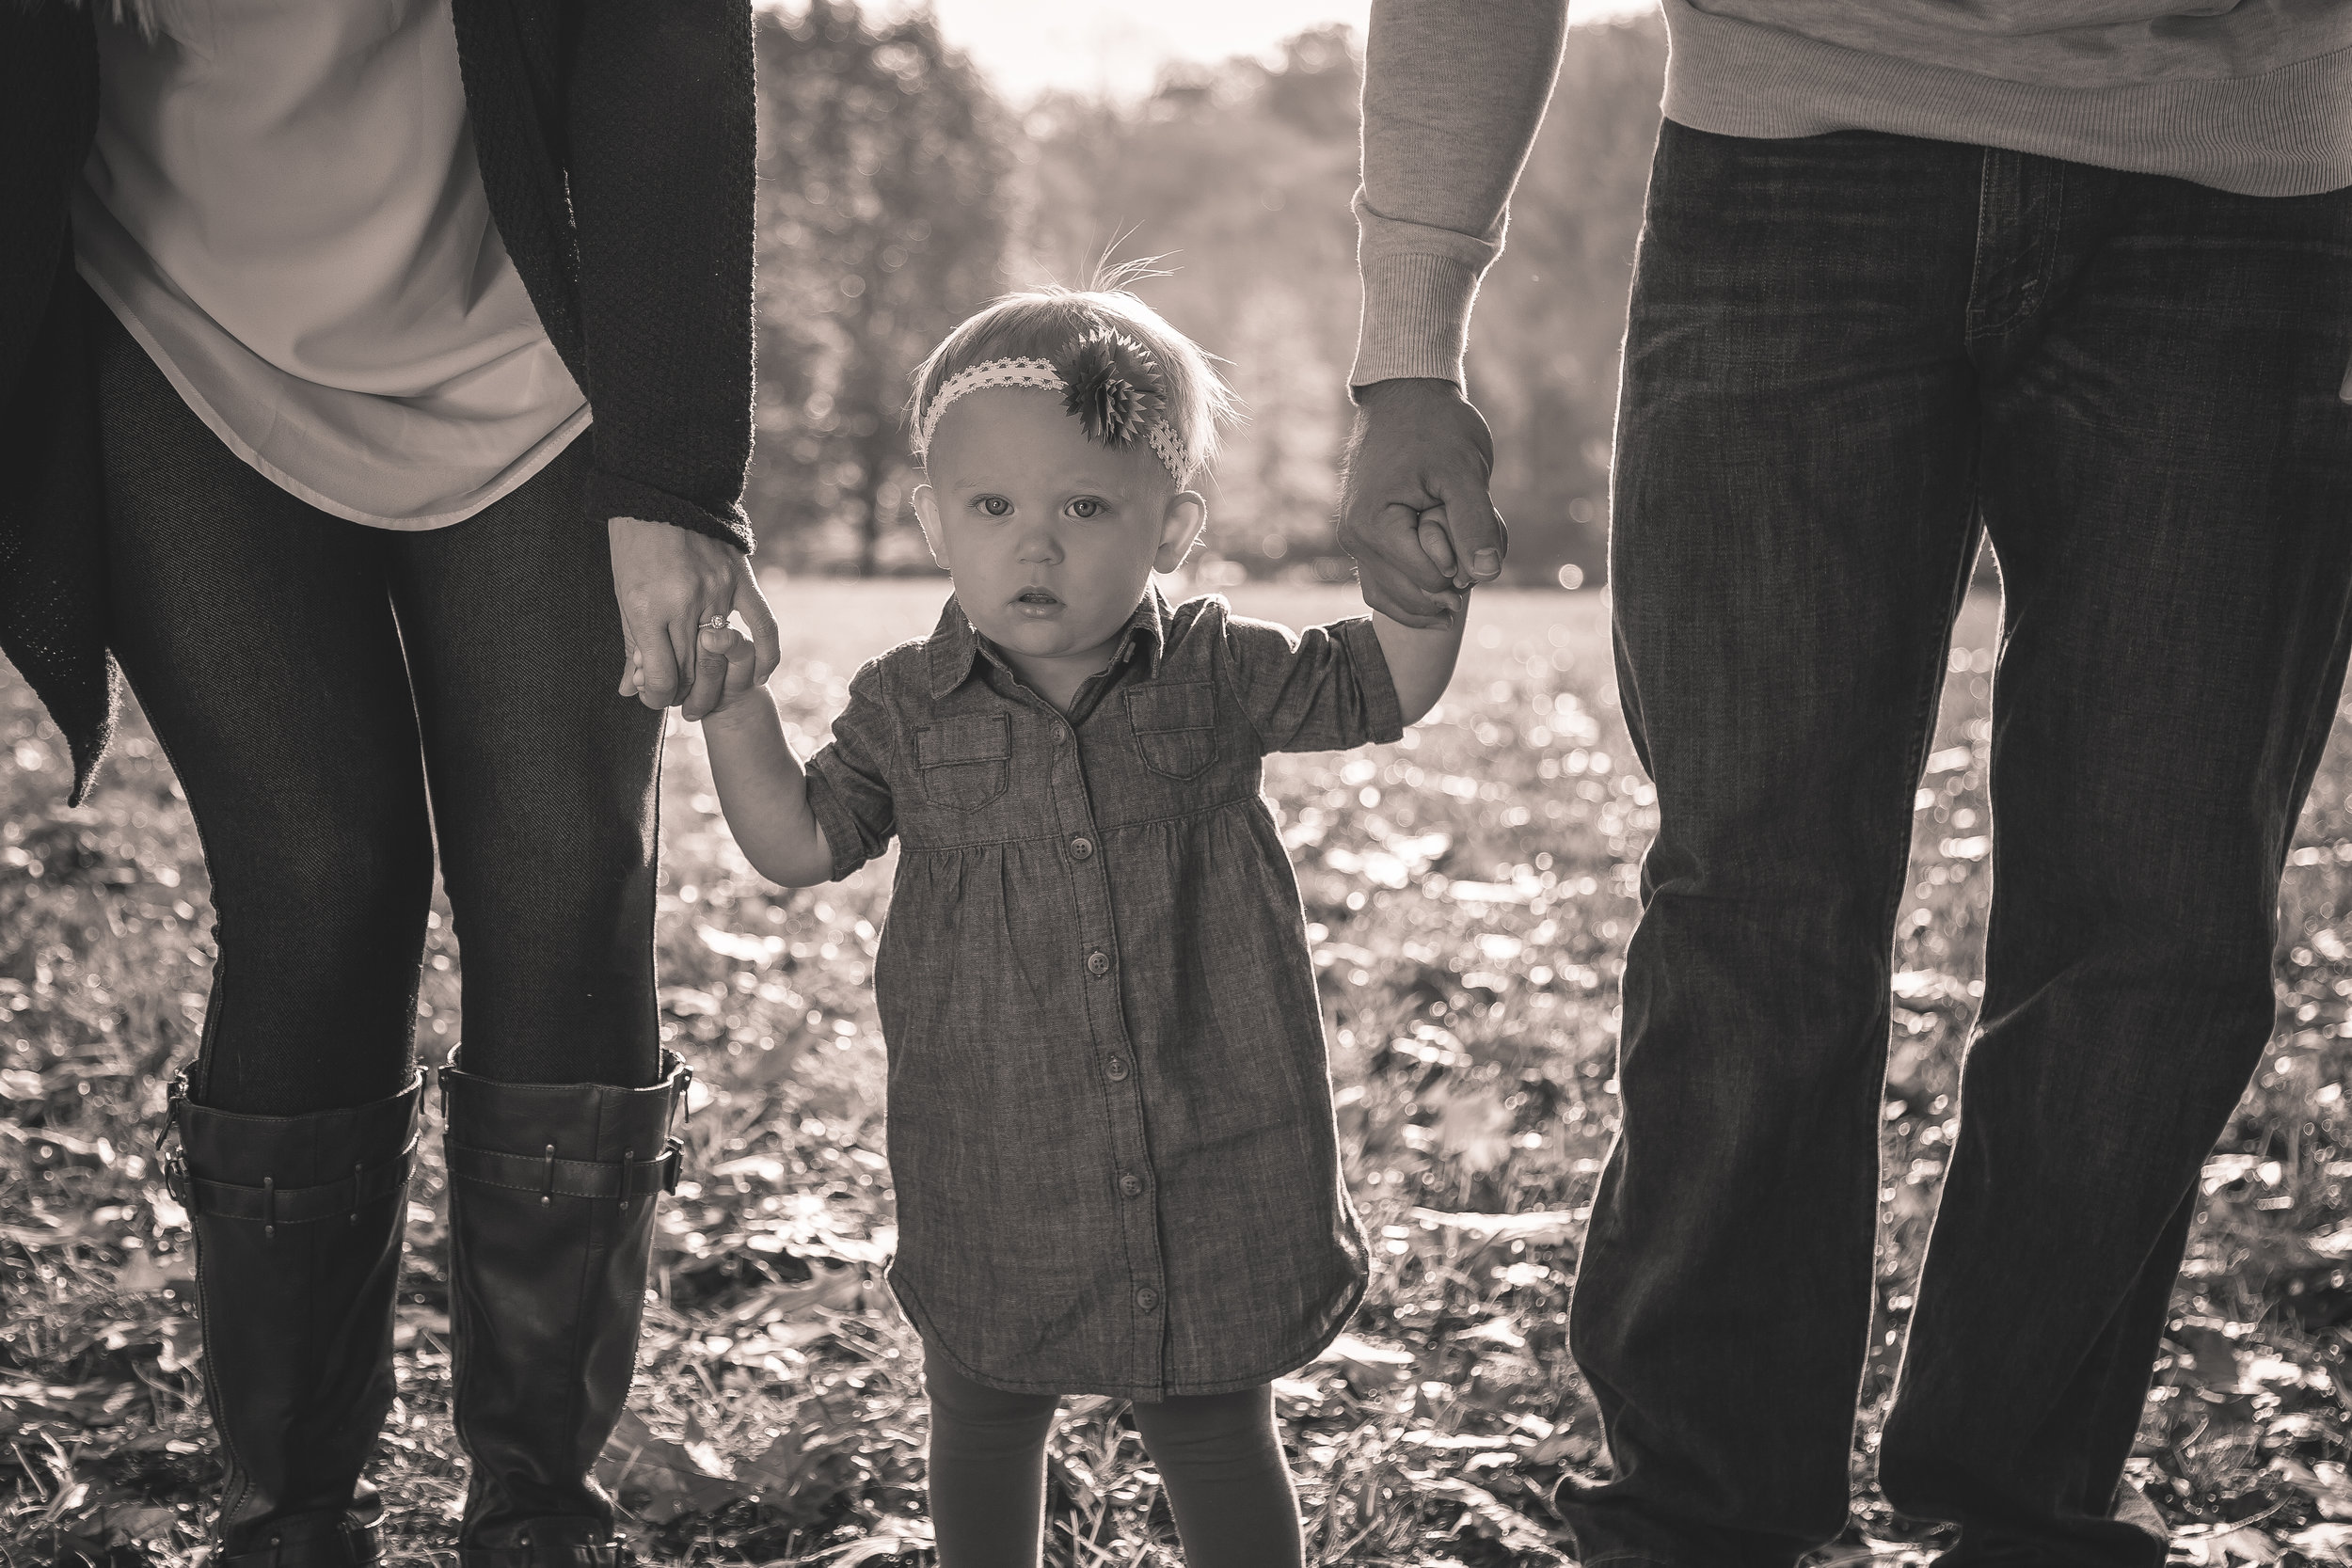 Bennett-Burrell Family Photos 2018 (10 of 39).jpg